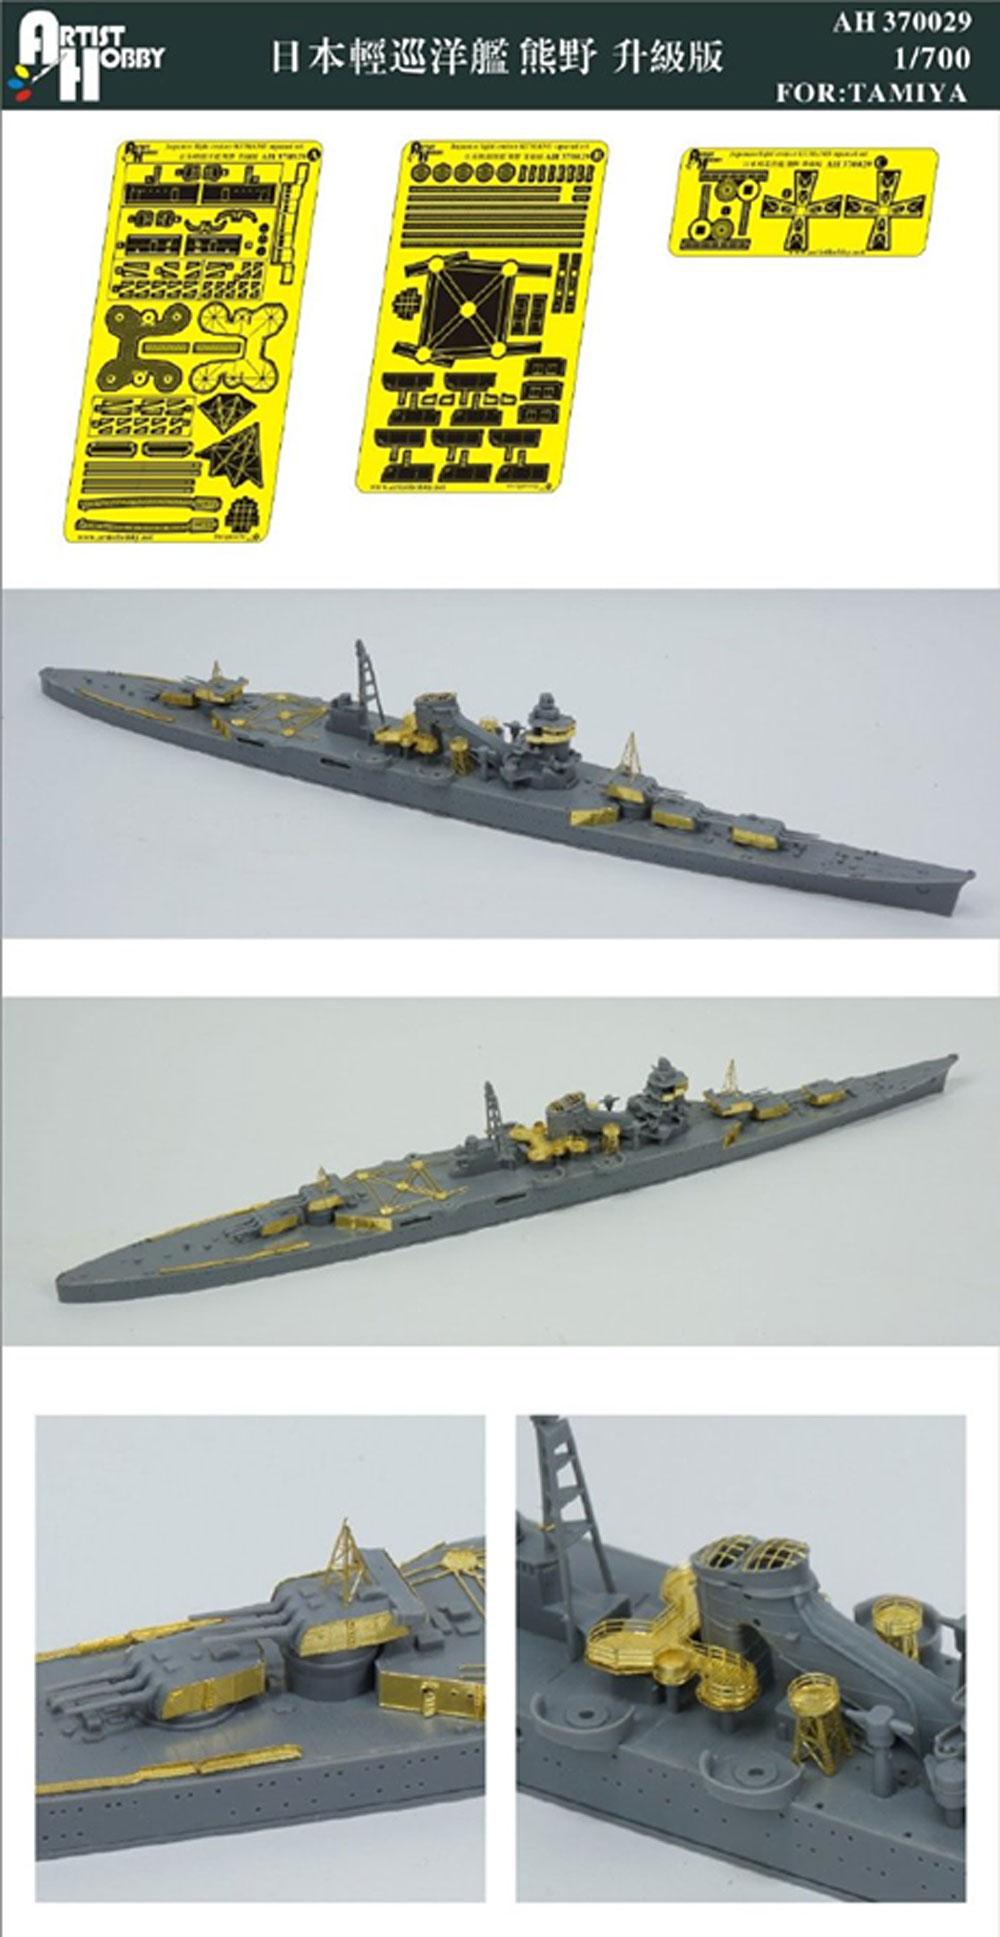 日本海軍 軽巡洋艦 熊野 アップグレードセット (タミヤ用)エッチング(アーティストホビー1/700 アップグレードパーツNo.AH370029)商品画像_1